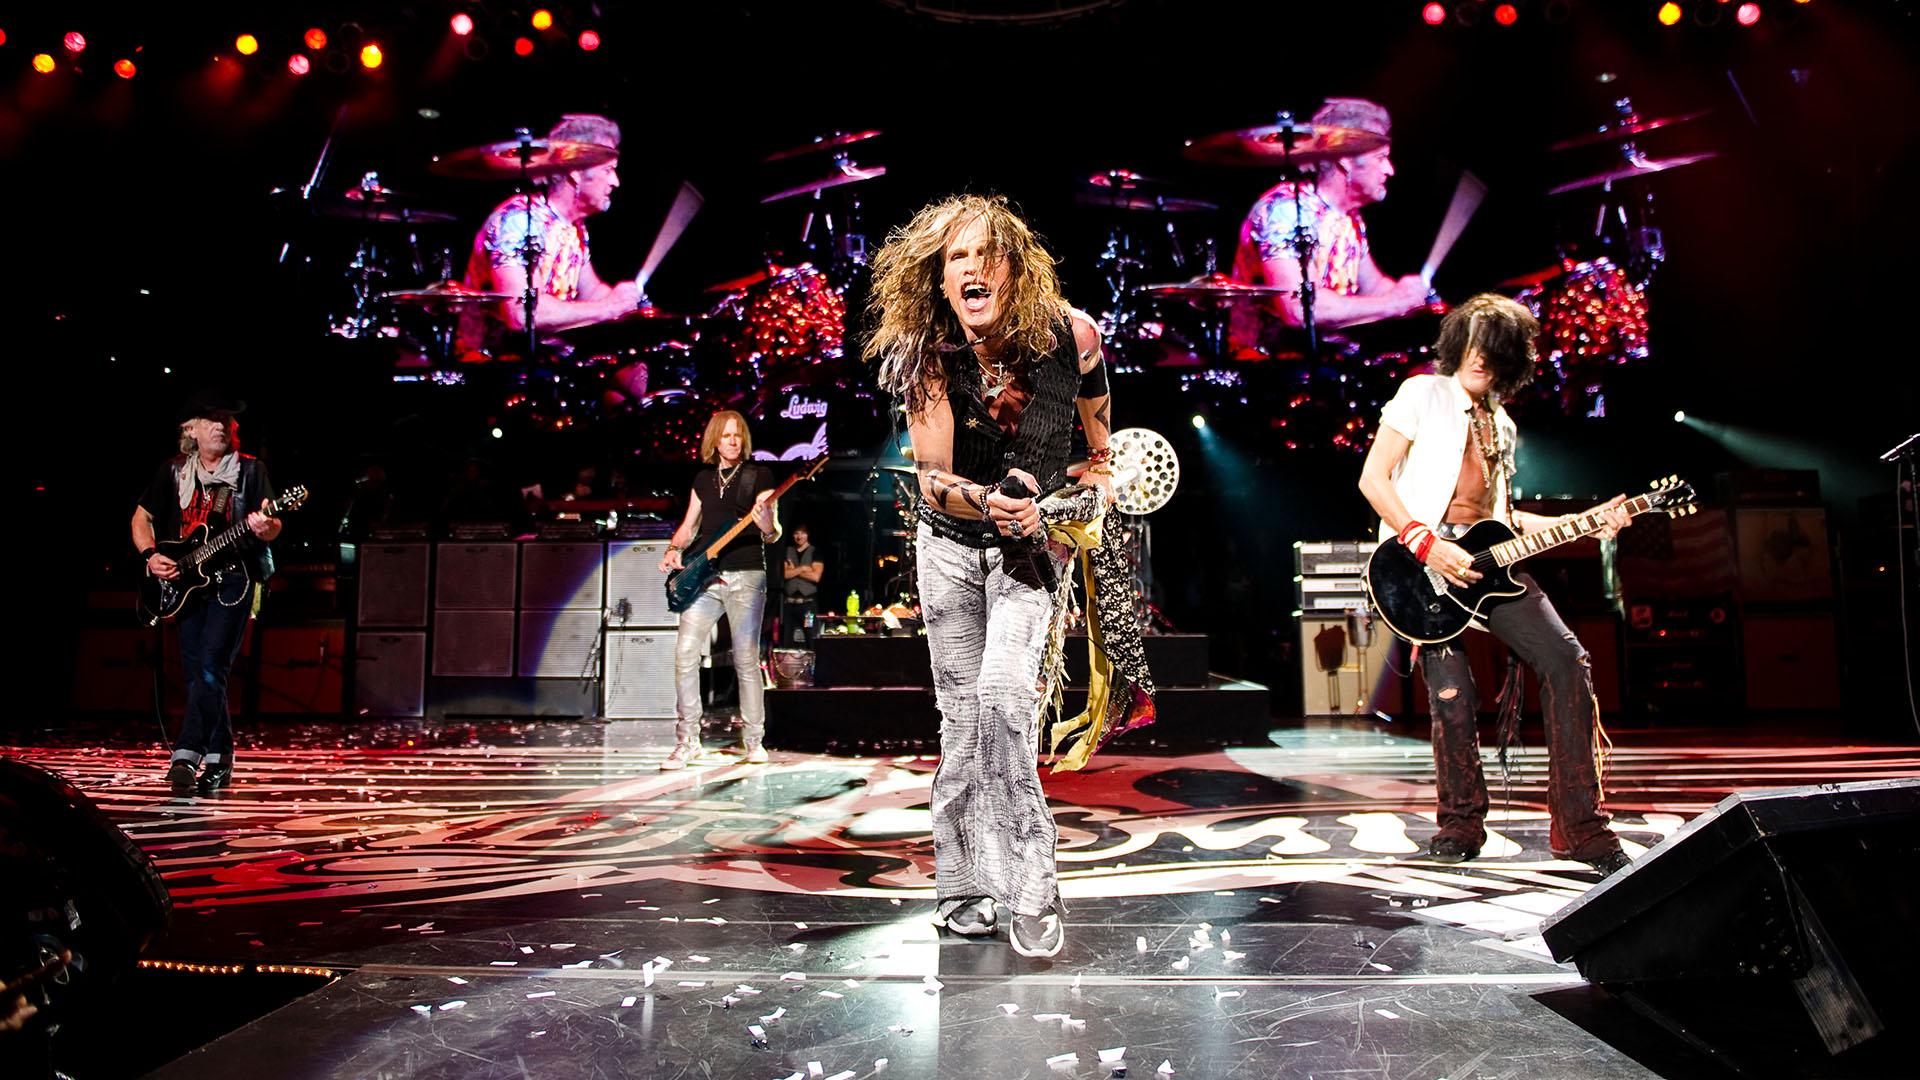 Aerosmith en concierto - 1920x1080